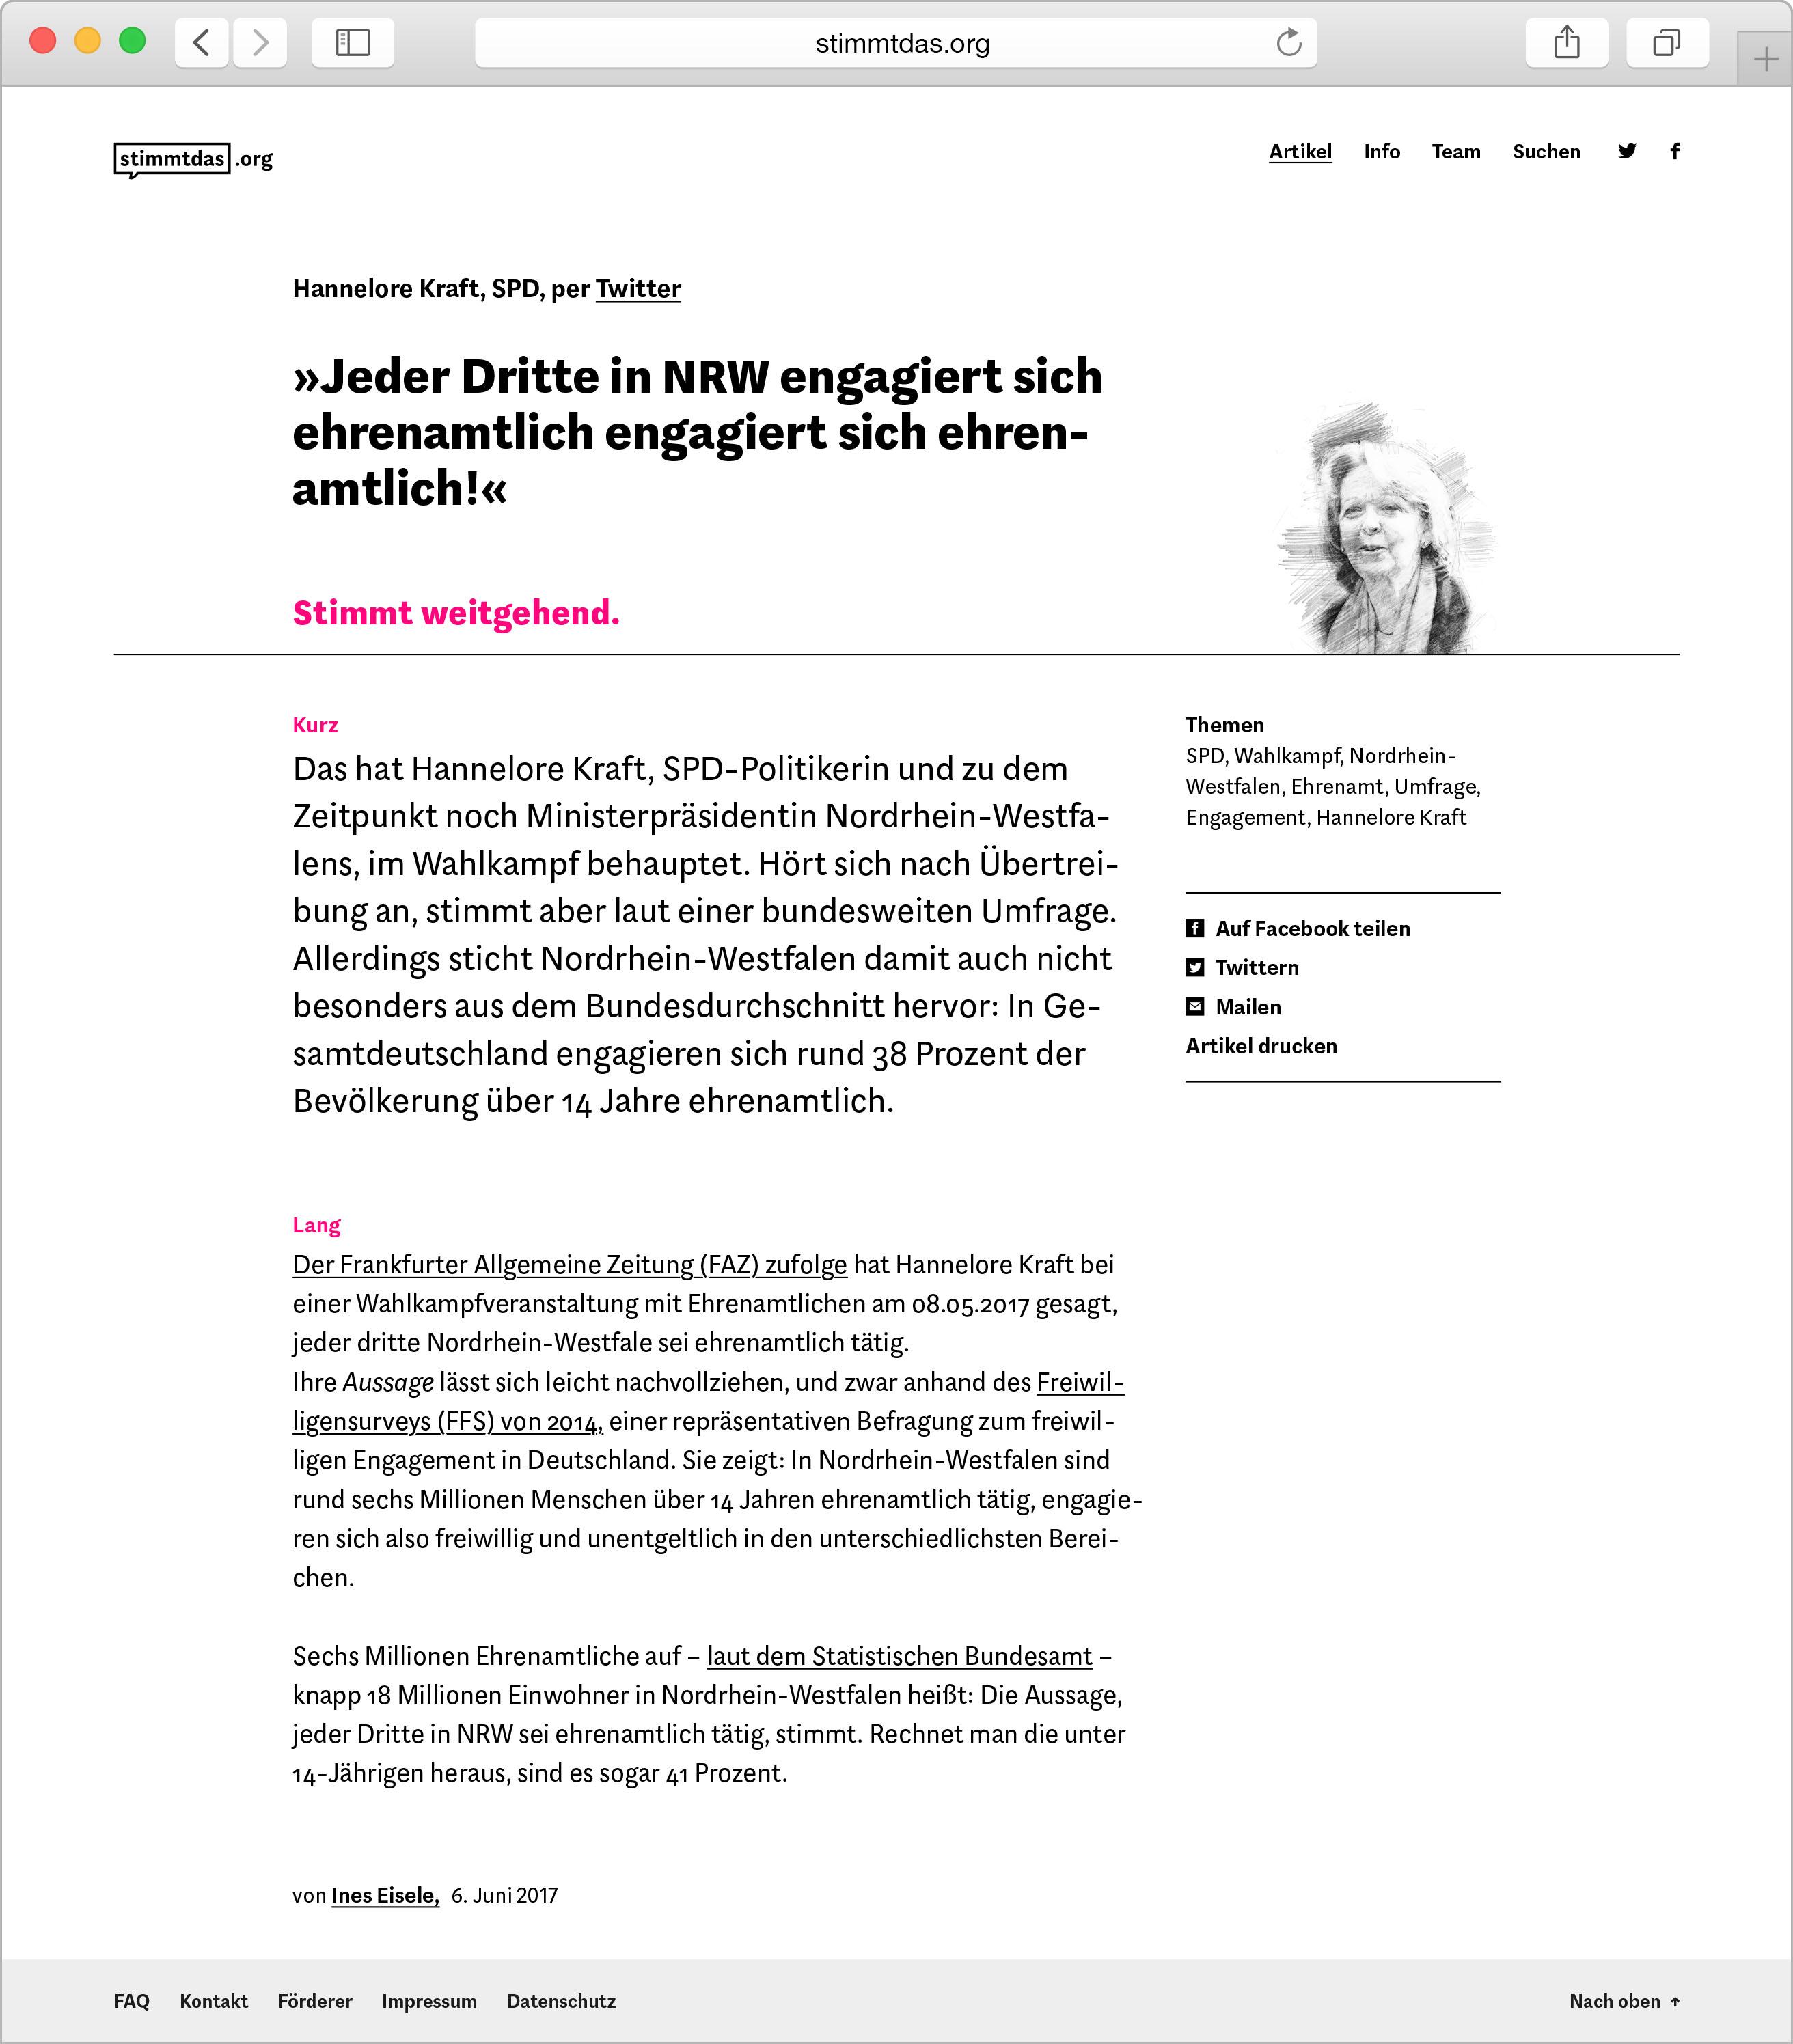 stimmtdas.org Artikel